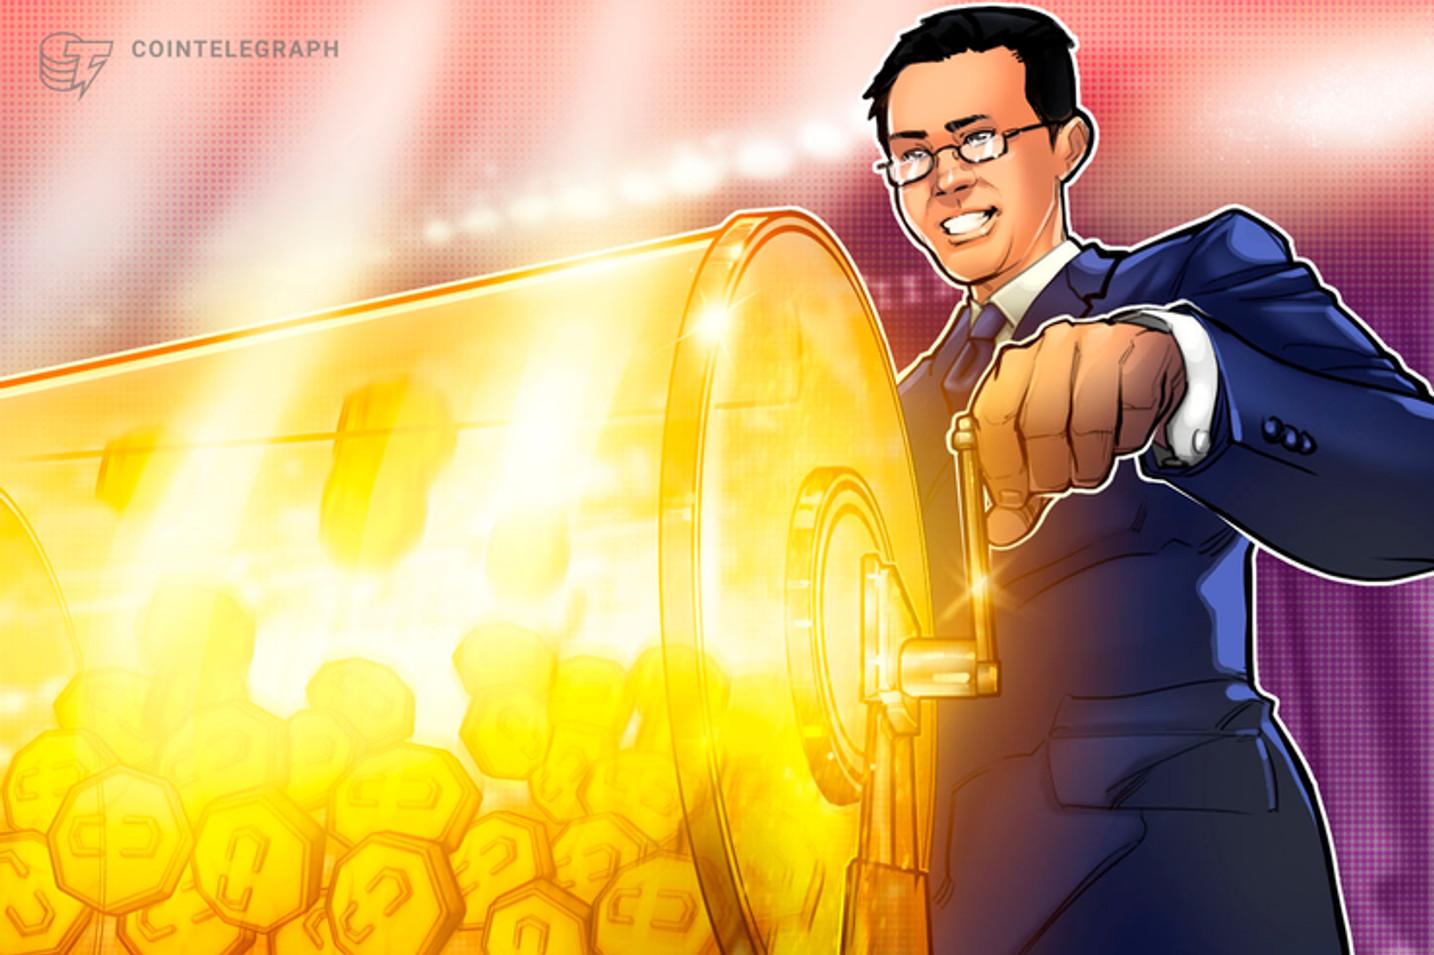 Precisando de uma grana e não quer vender seu bitcoin? Startups oferecem soluções de empréstimo com garantia em BTC